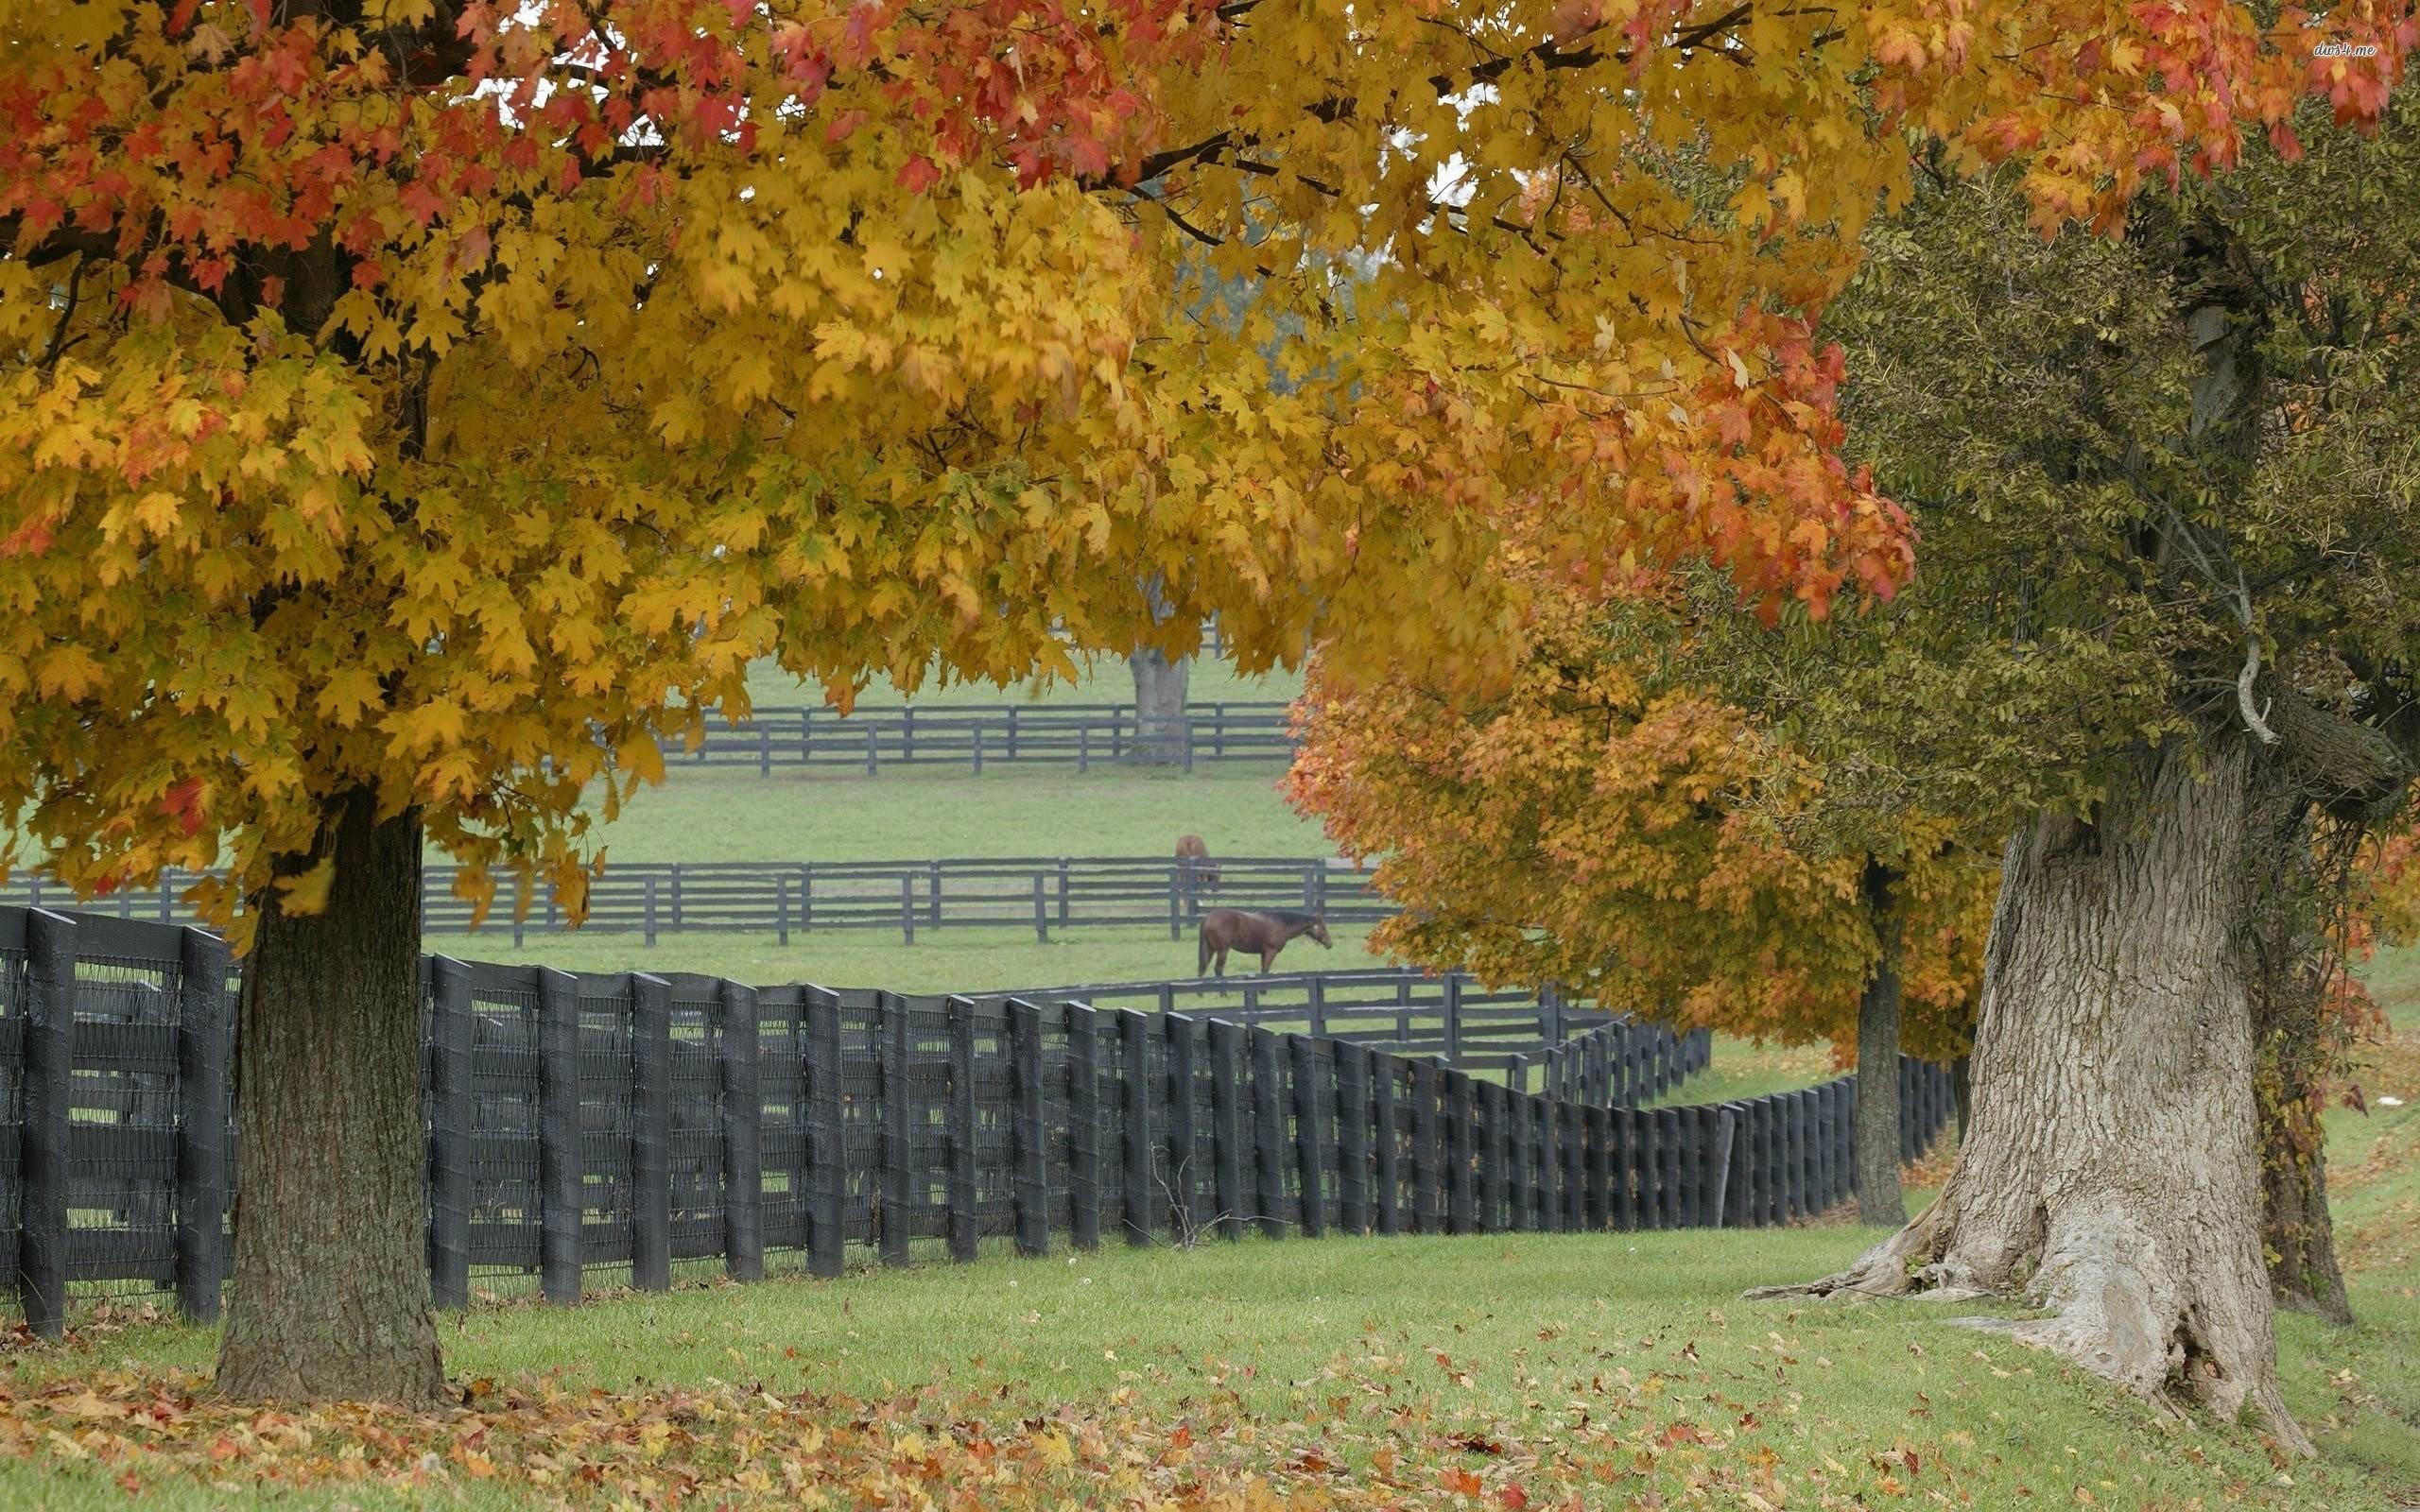 Hd Farm Wallpaper 59 Images